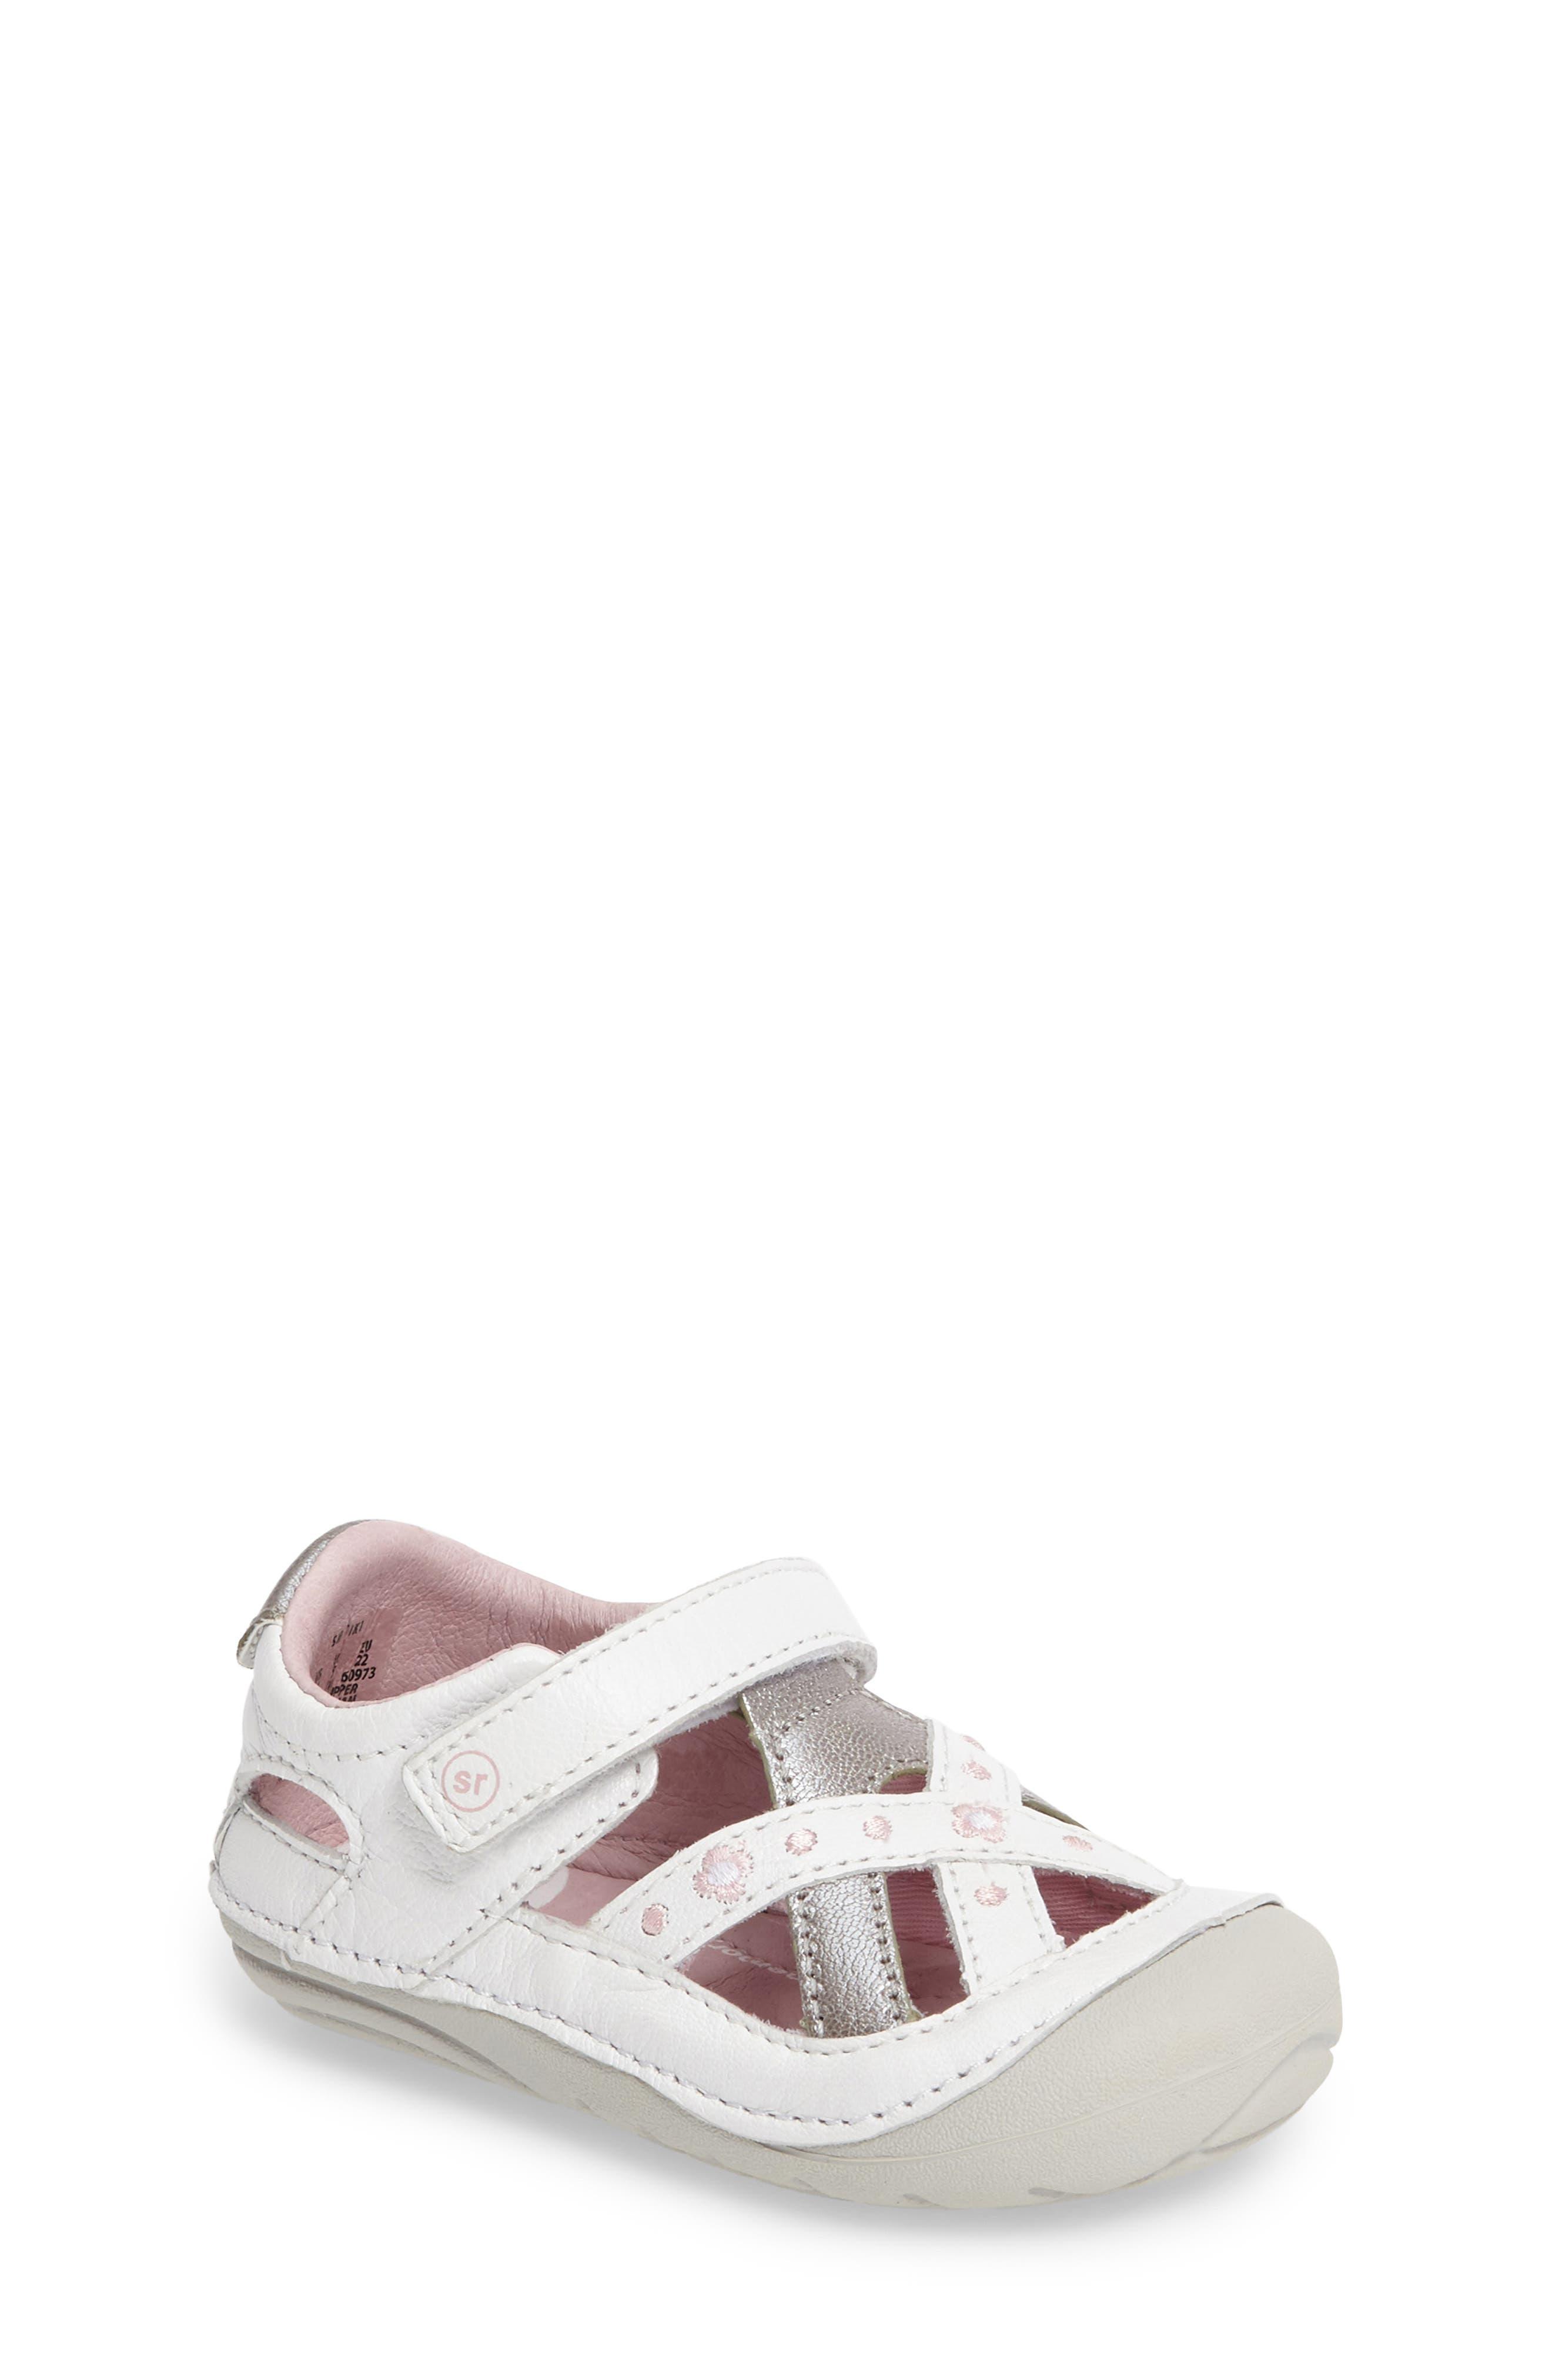 STRIDE RITE Kiki Embroidered Sneaker, Main, color, WHITE